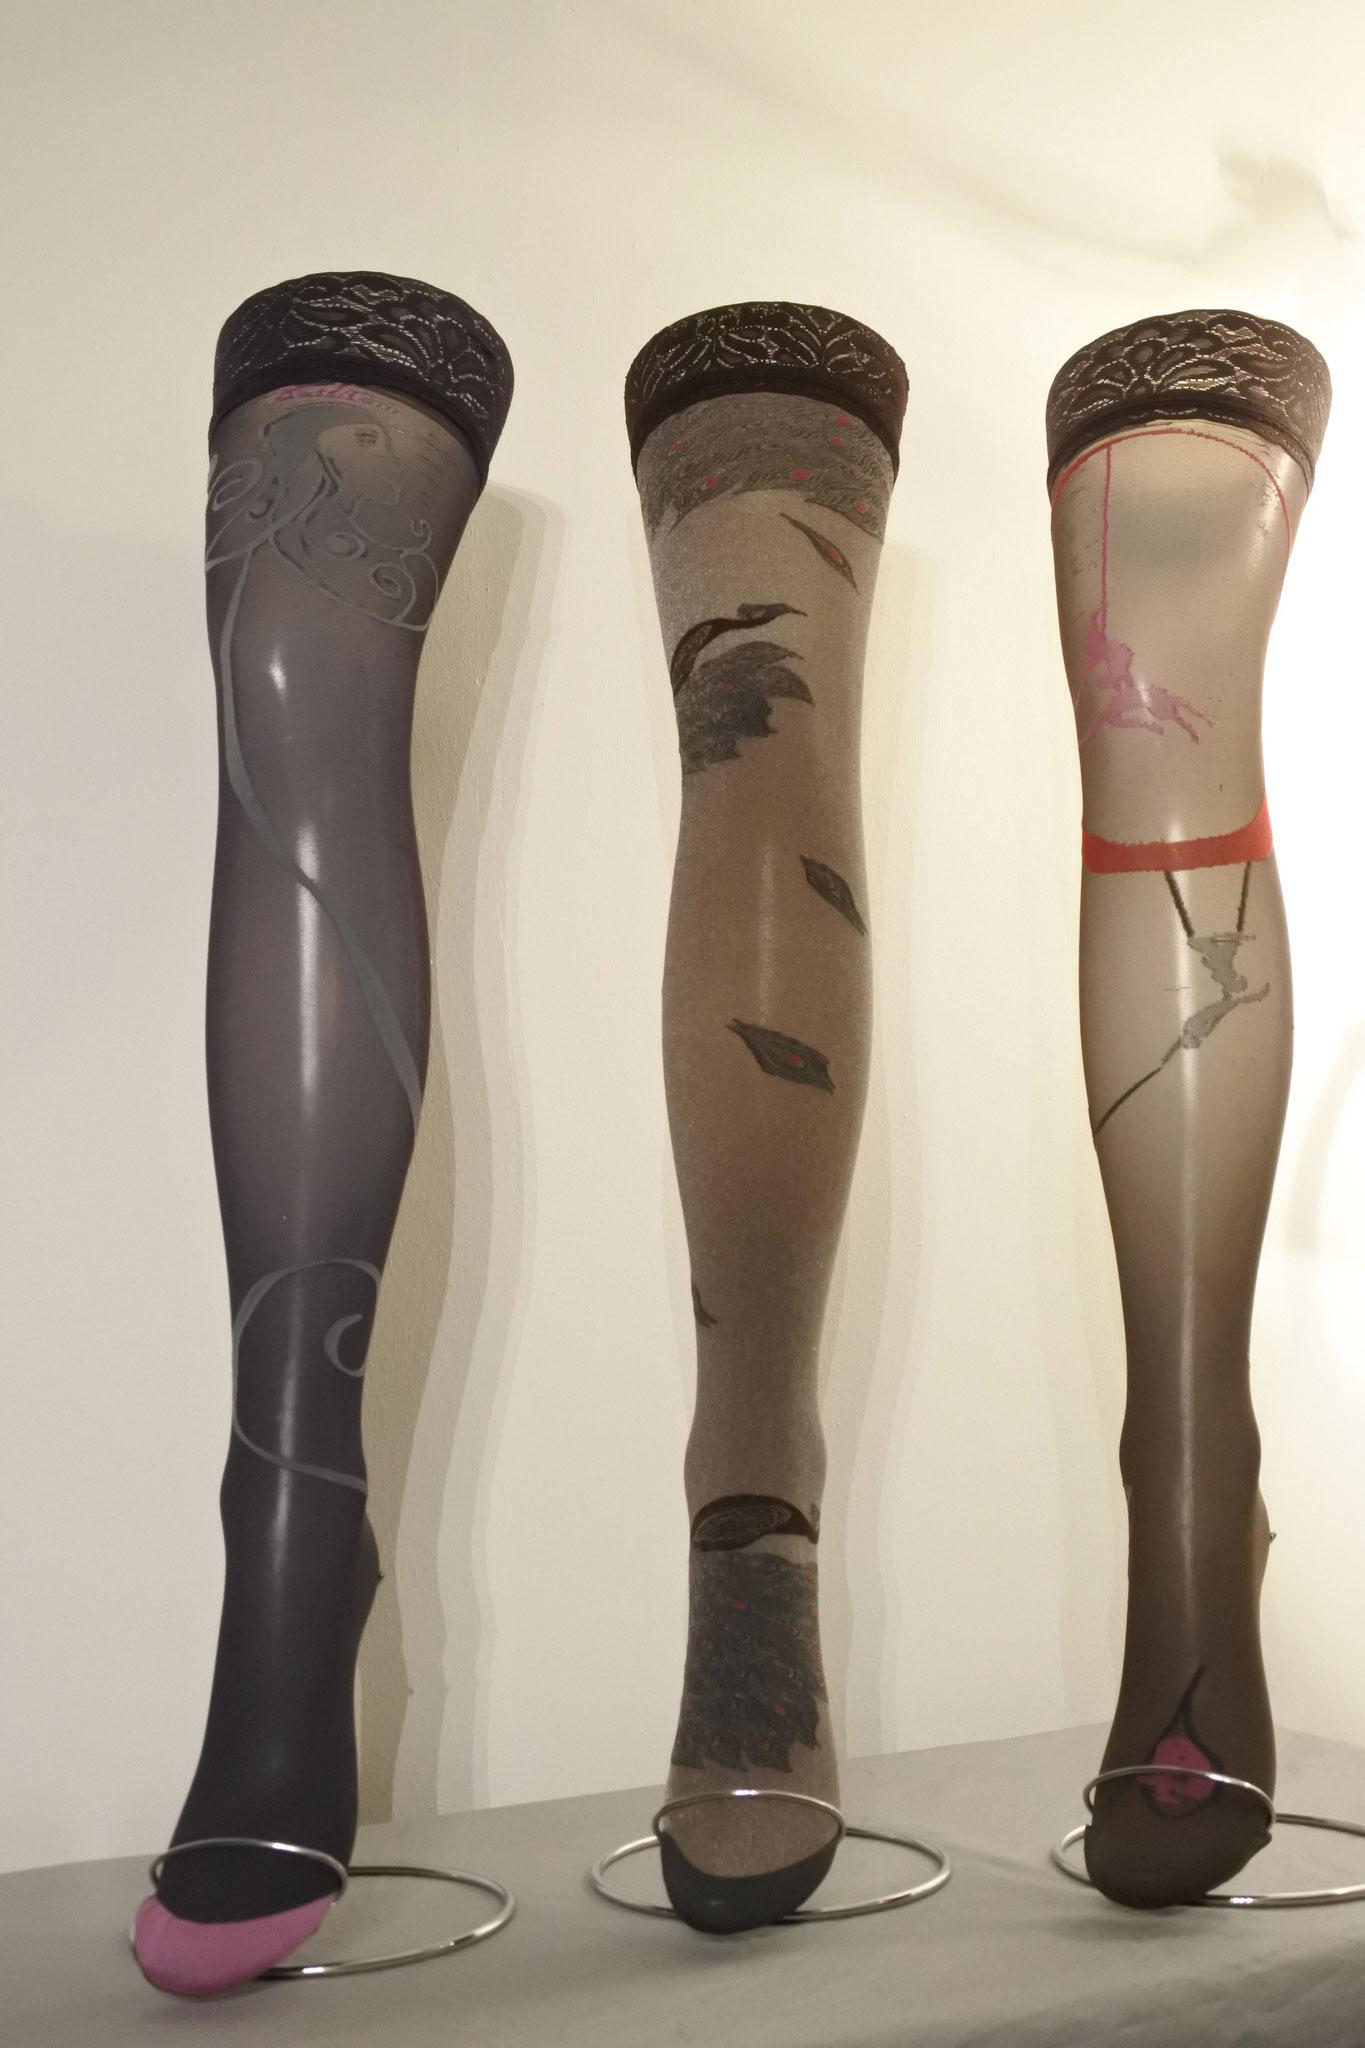 Für Frauen die aussergewöhnliche Strümpfe lieben! 30 DEN mit Silikonhaftband (CHF 38.00)